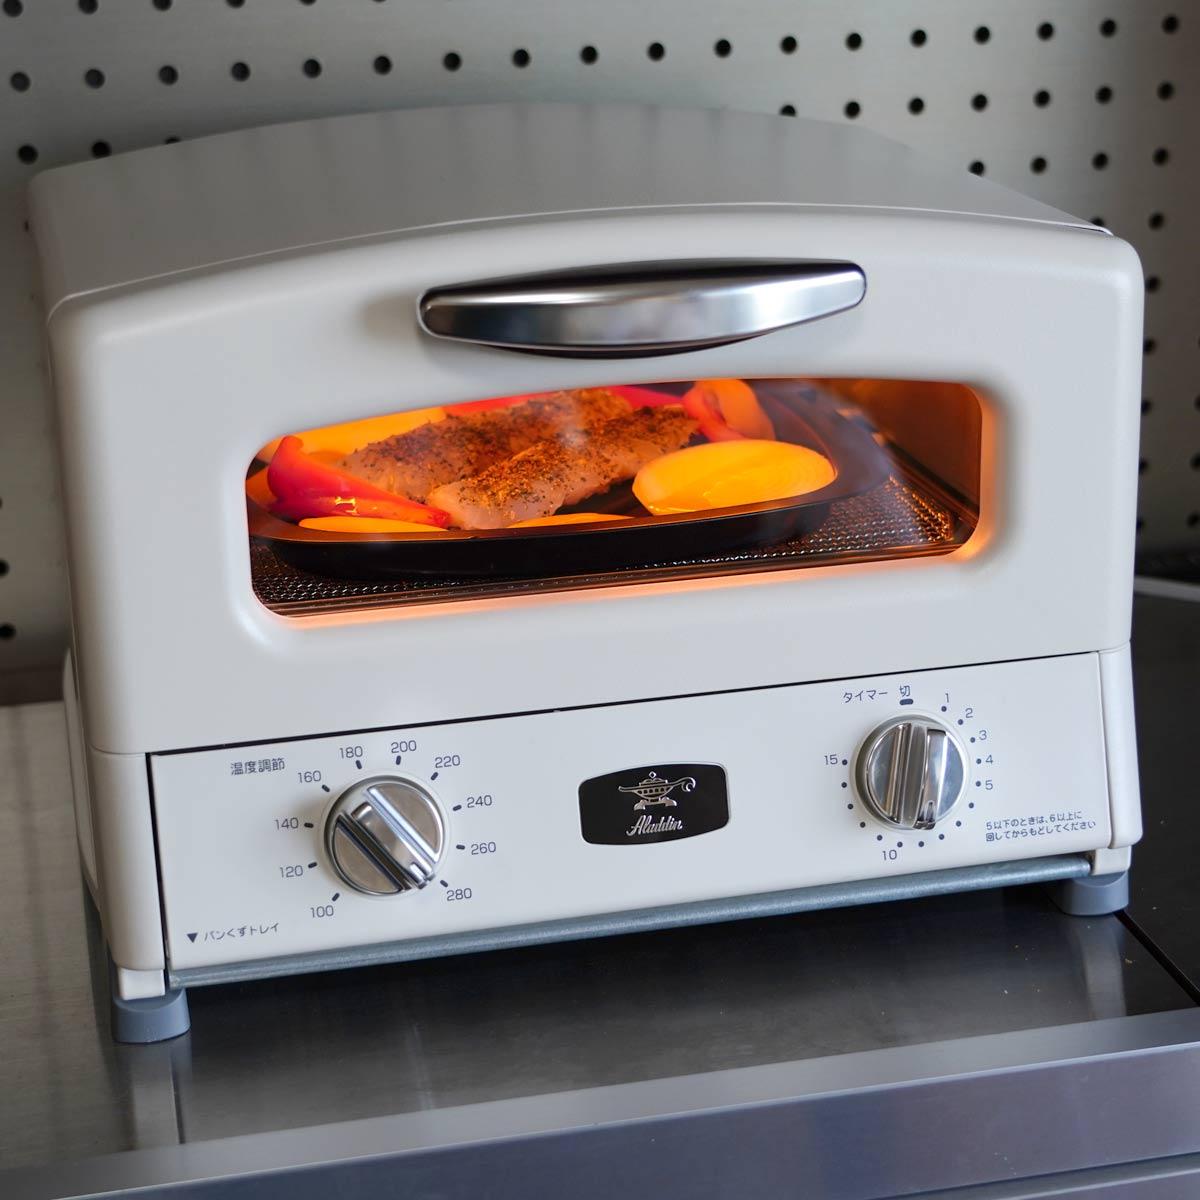 もはや時短調理器のポテンシャル! アラジンのオーブントースターが実力高すぎる